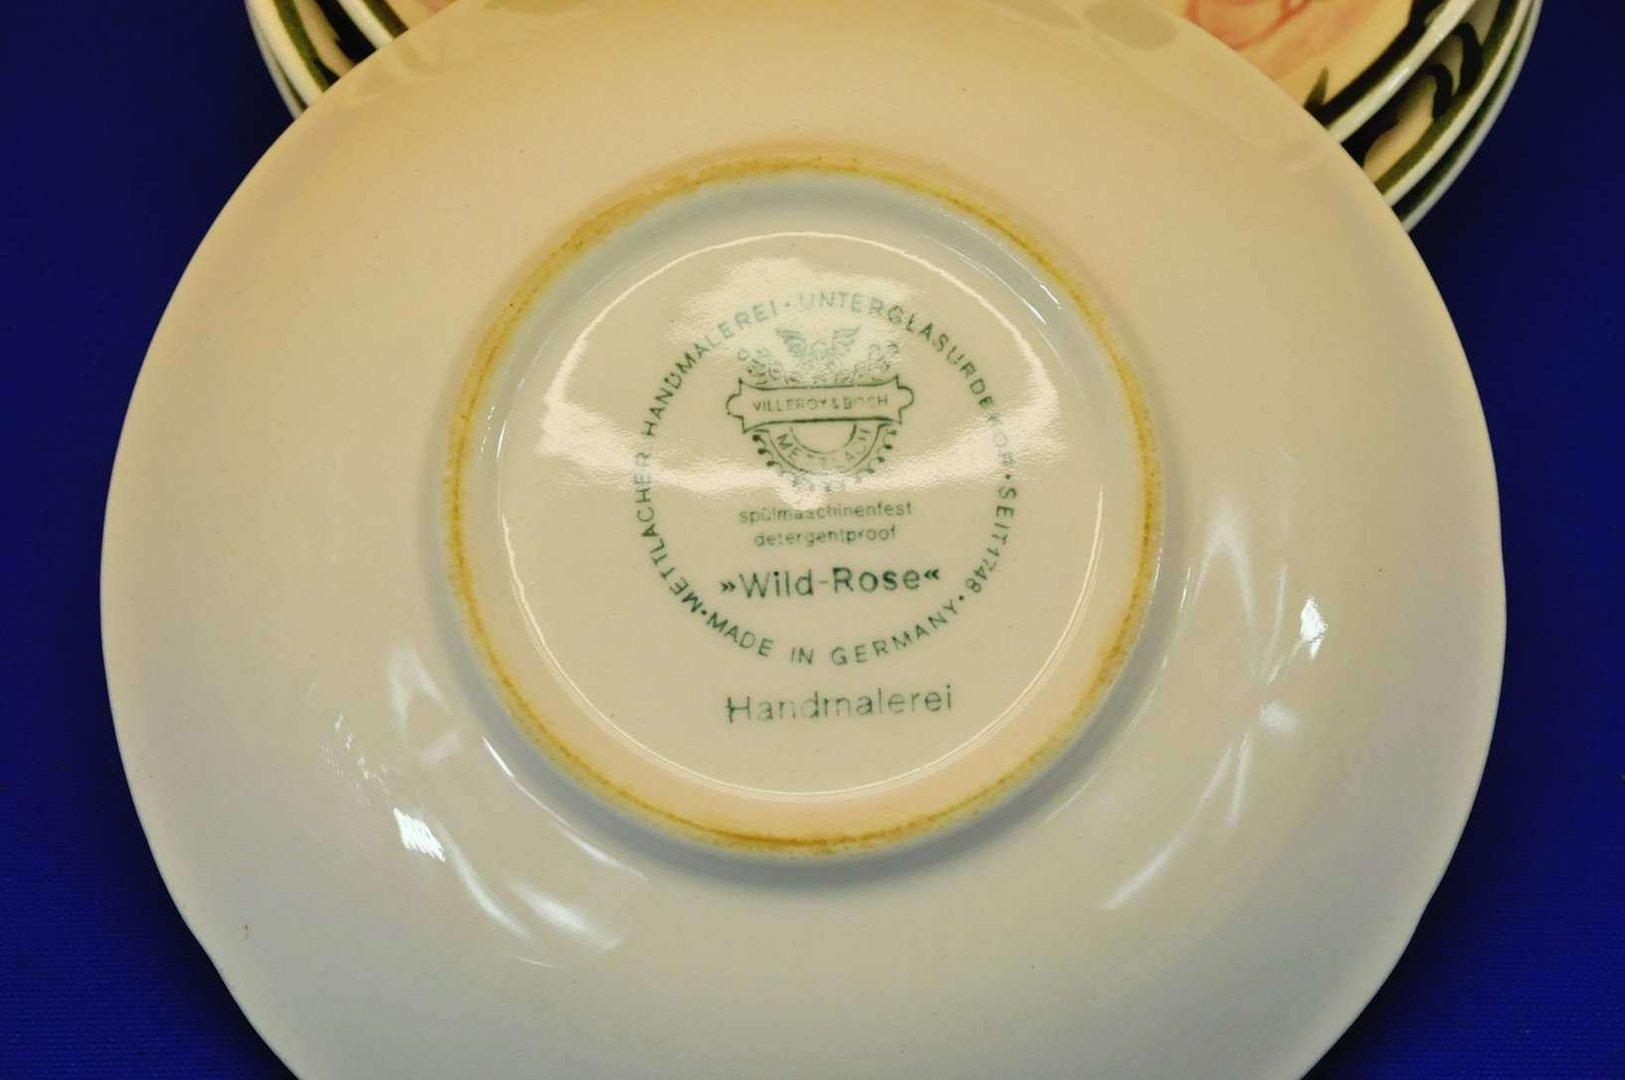 villeroy boch wildrose porzellan 4 dessertschalen bei kusera. Black Bedroom Furniture Sets. Home Design Ideas